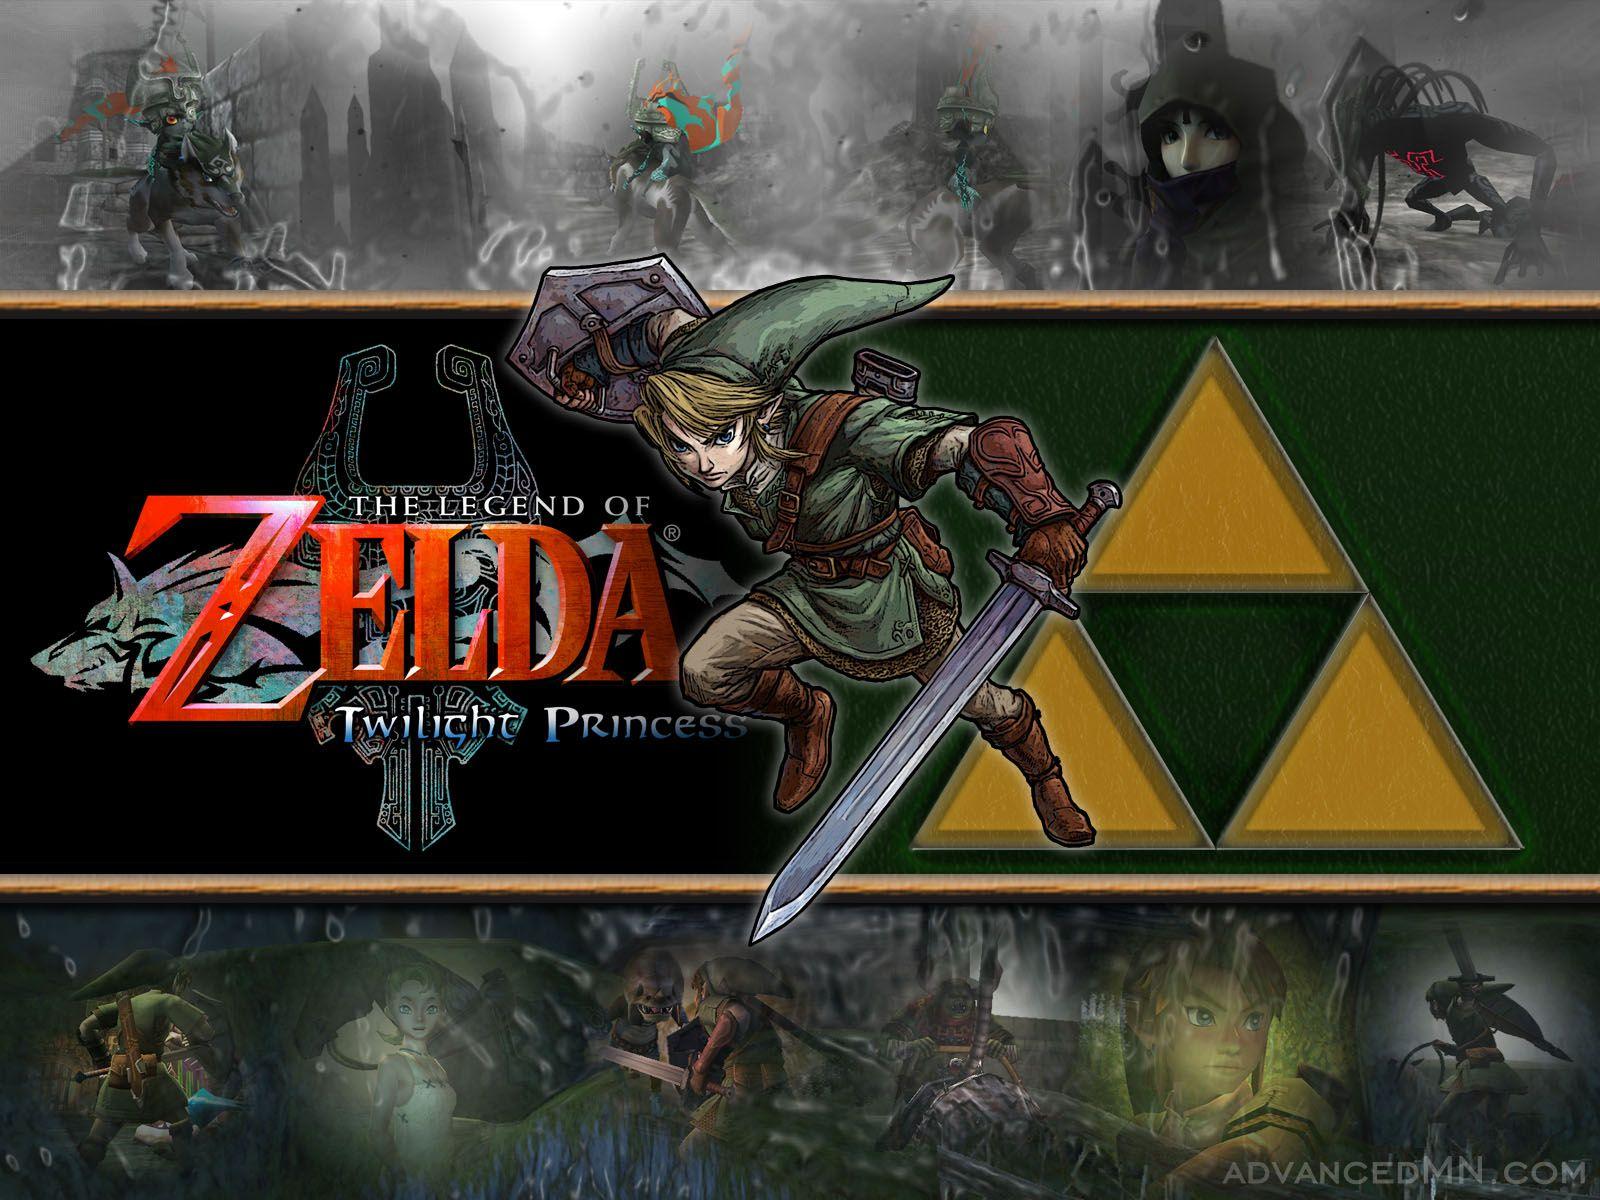 Legend Of Zelda Twilight Princess Wallpapers 1600x1200